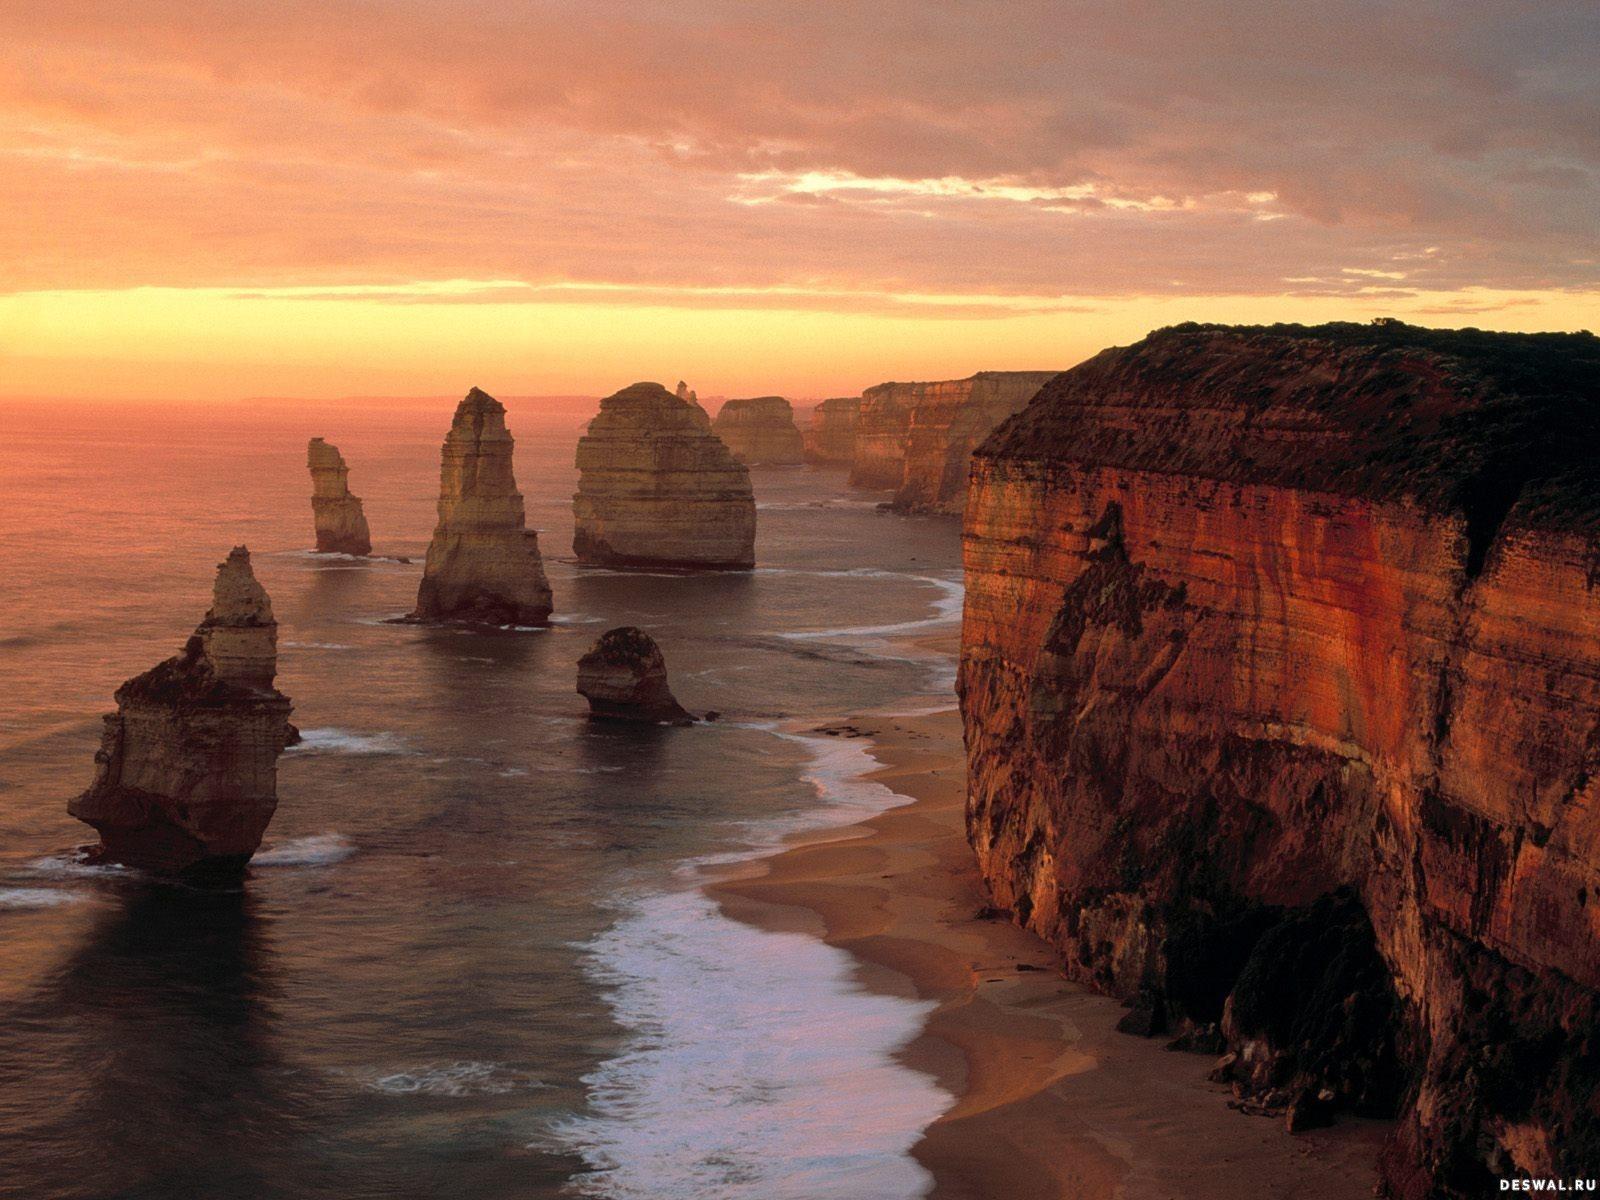 Фото 17.. Нажмите на картинку с обоями природы - пляж, чтобы просмотреть ее в реальном размере